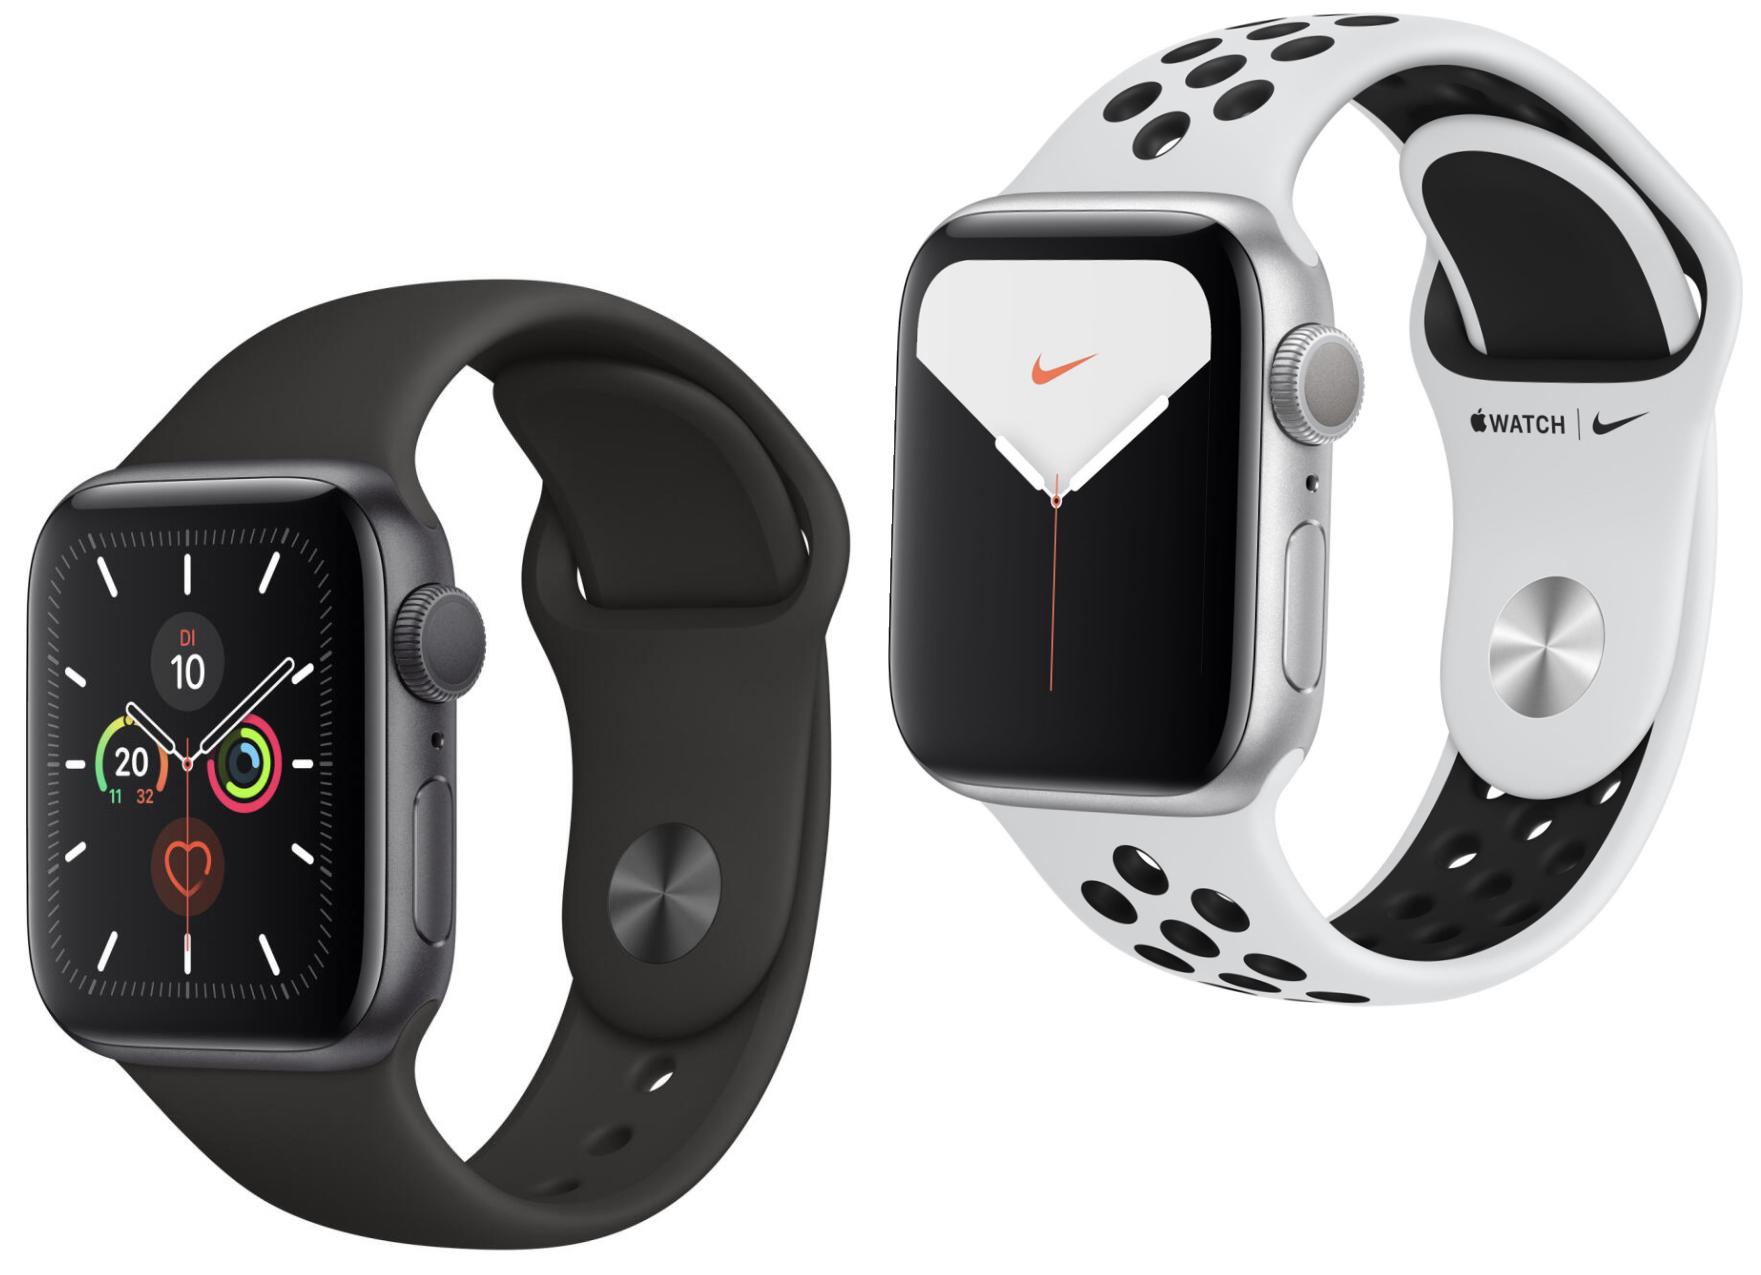 [ebay Plus] Apple Watch Series 5 GPS 40mm spacegrau mit Sportarmband für 396€ oder Nike+ Version 40mm silber für 396€ inkl. Versandkosten